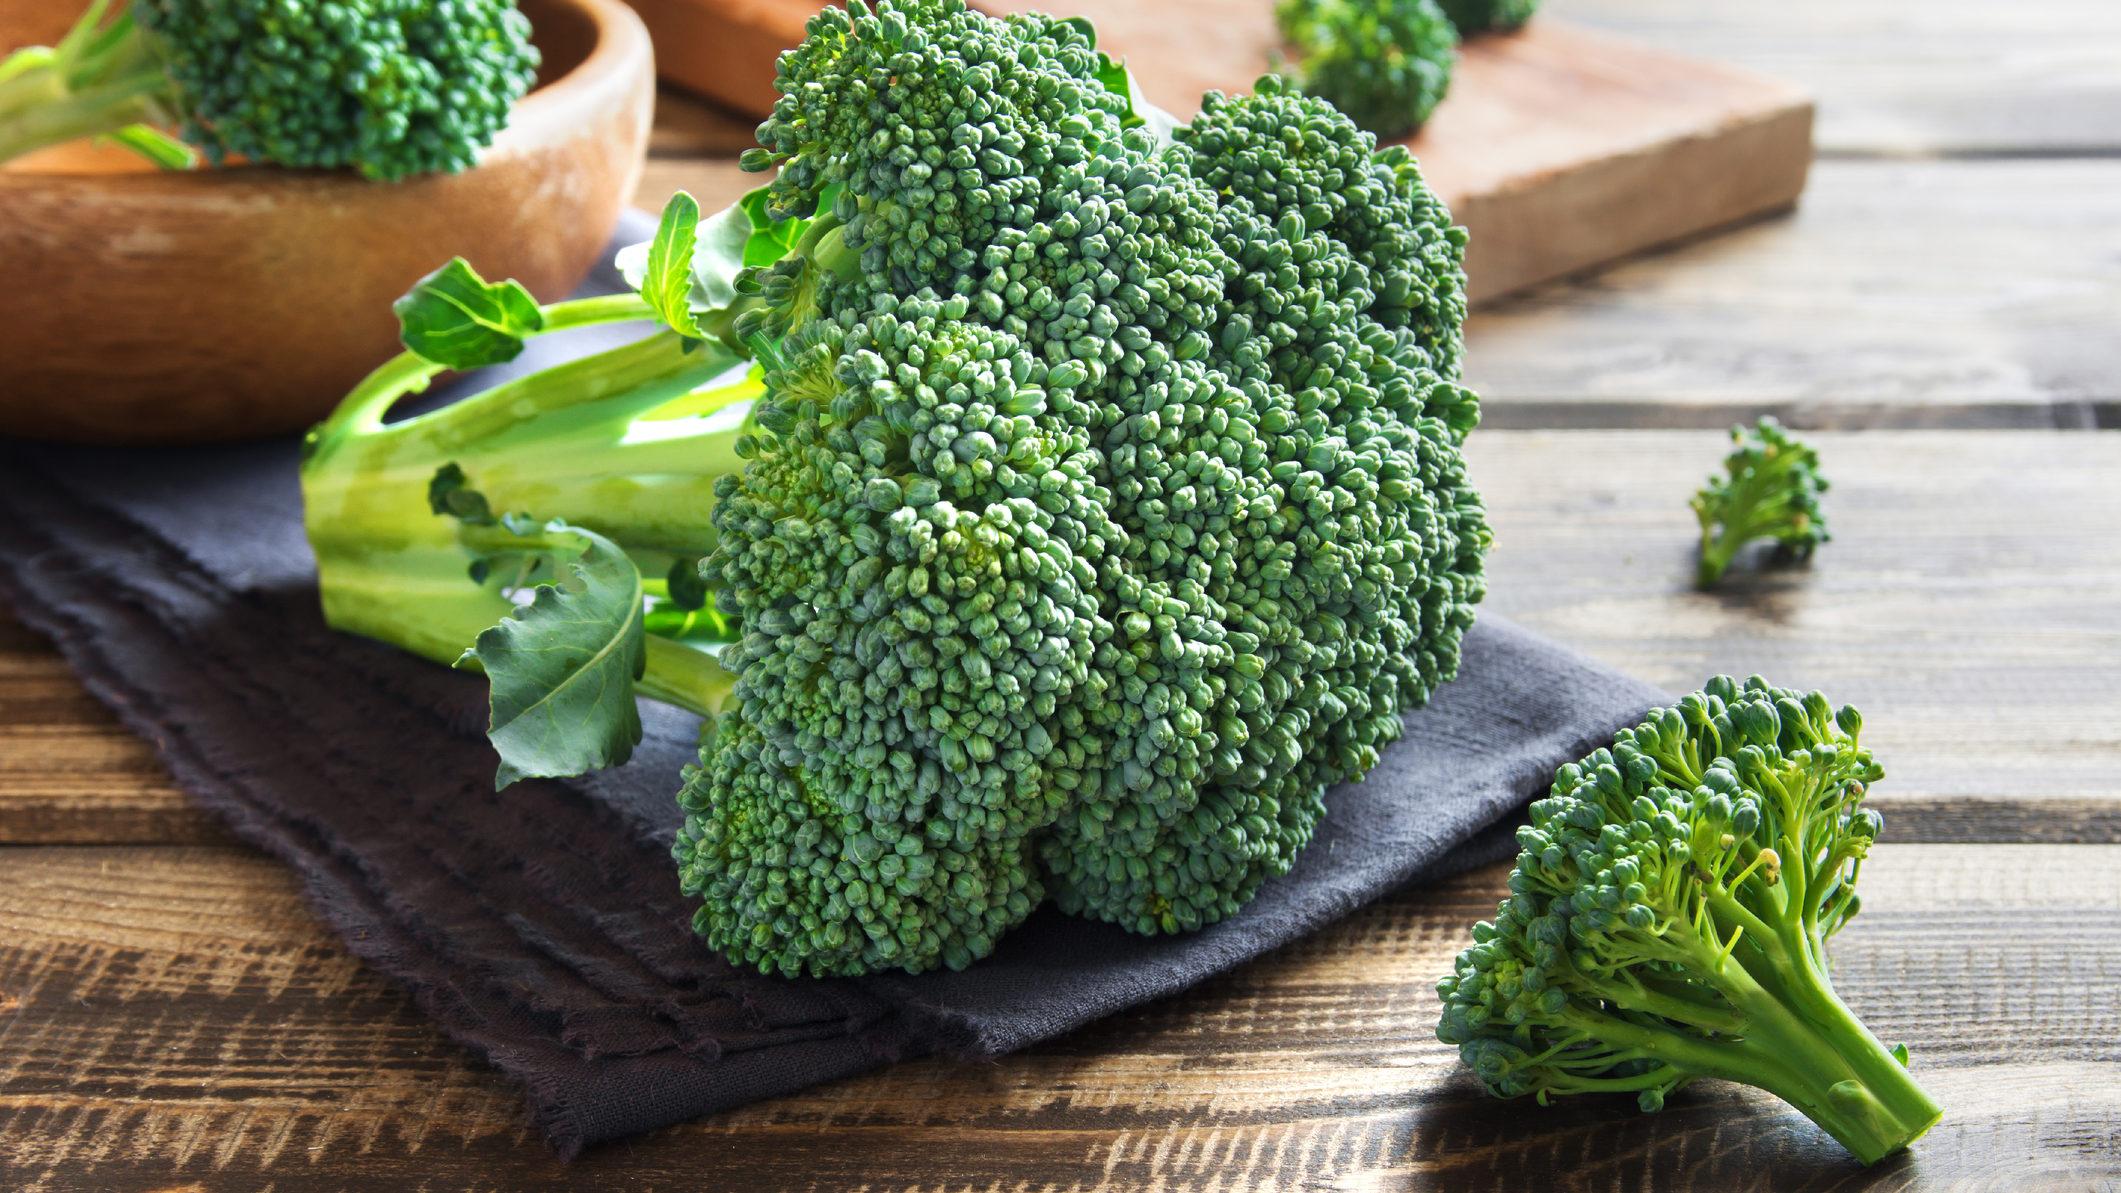 segít a brokkoli a fogyásban